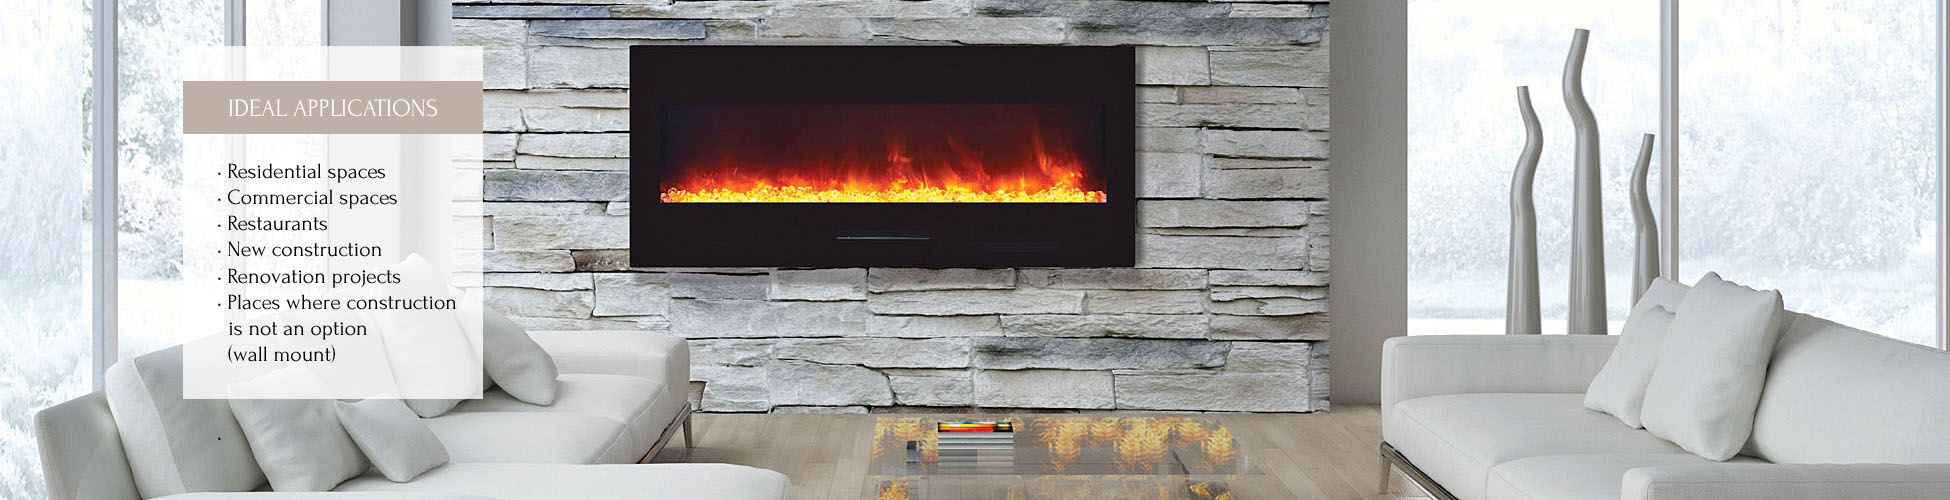 WM-FM-50-BG electric fireplace